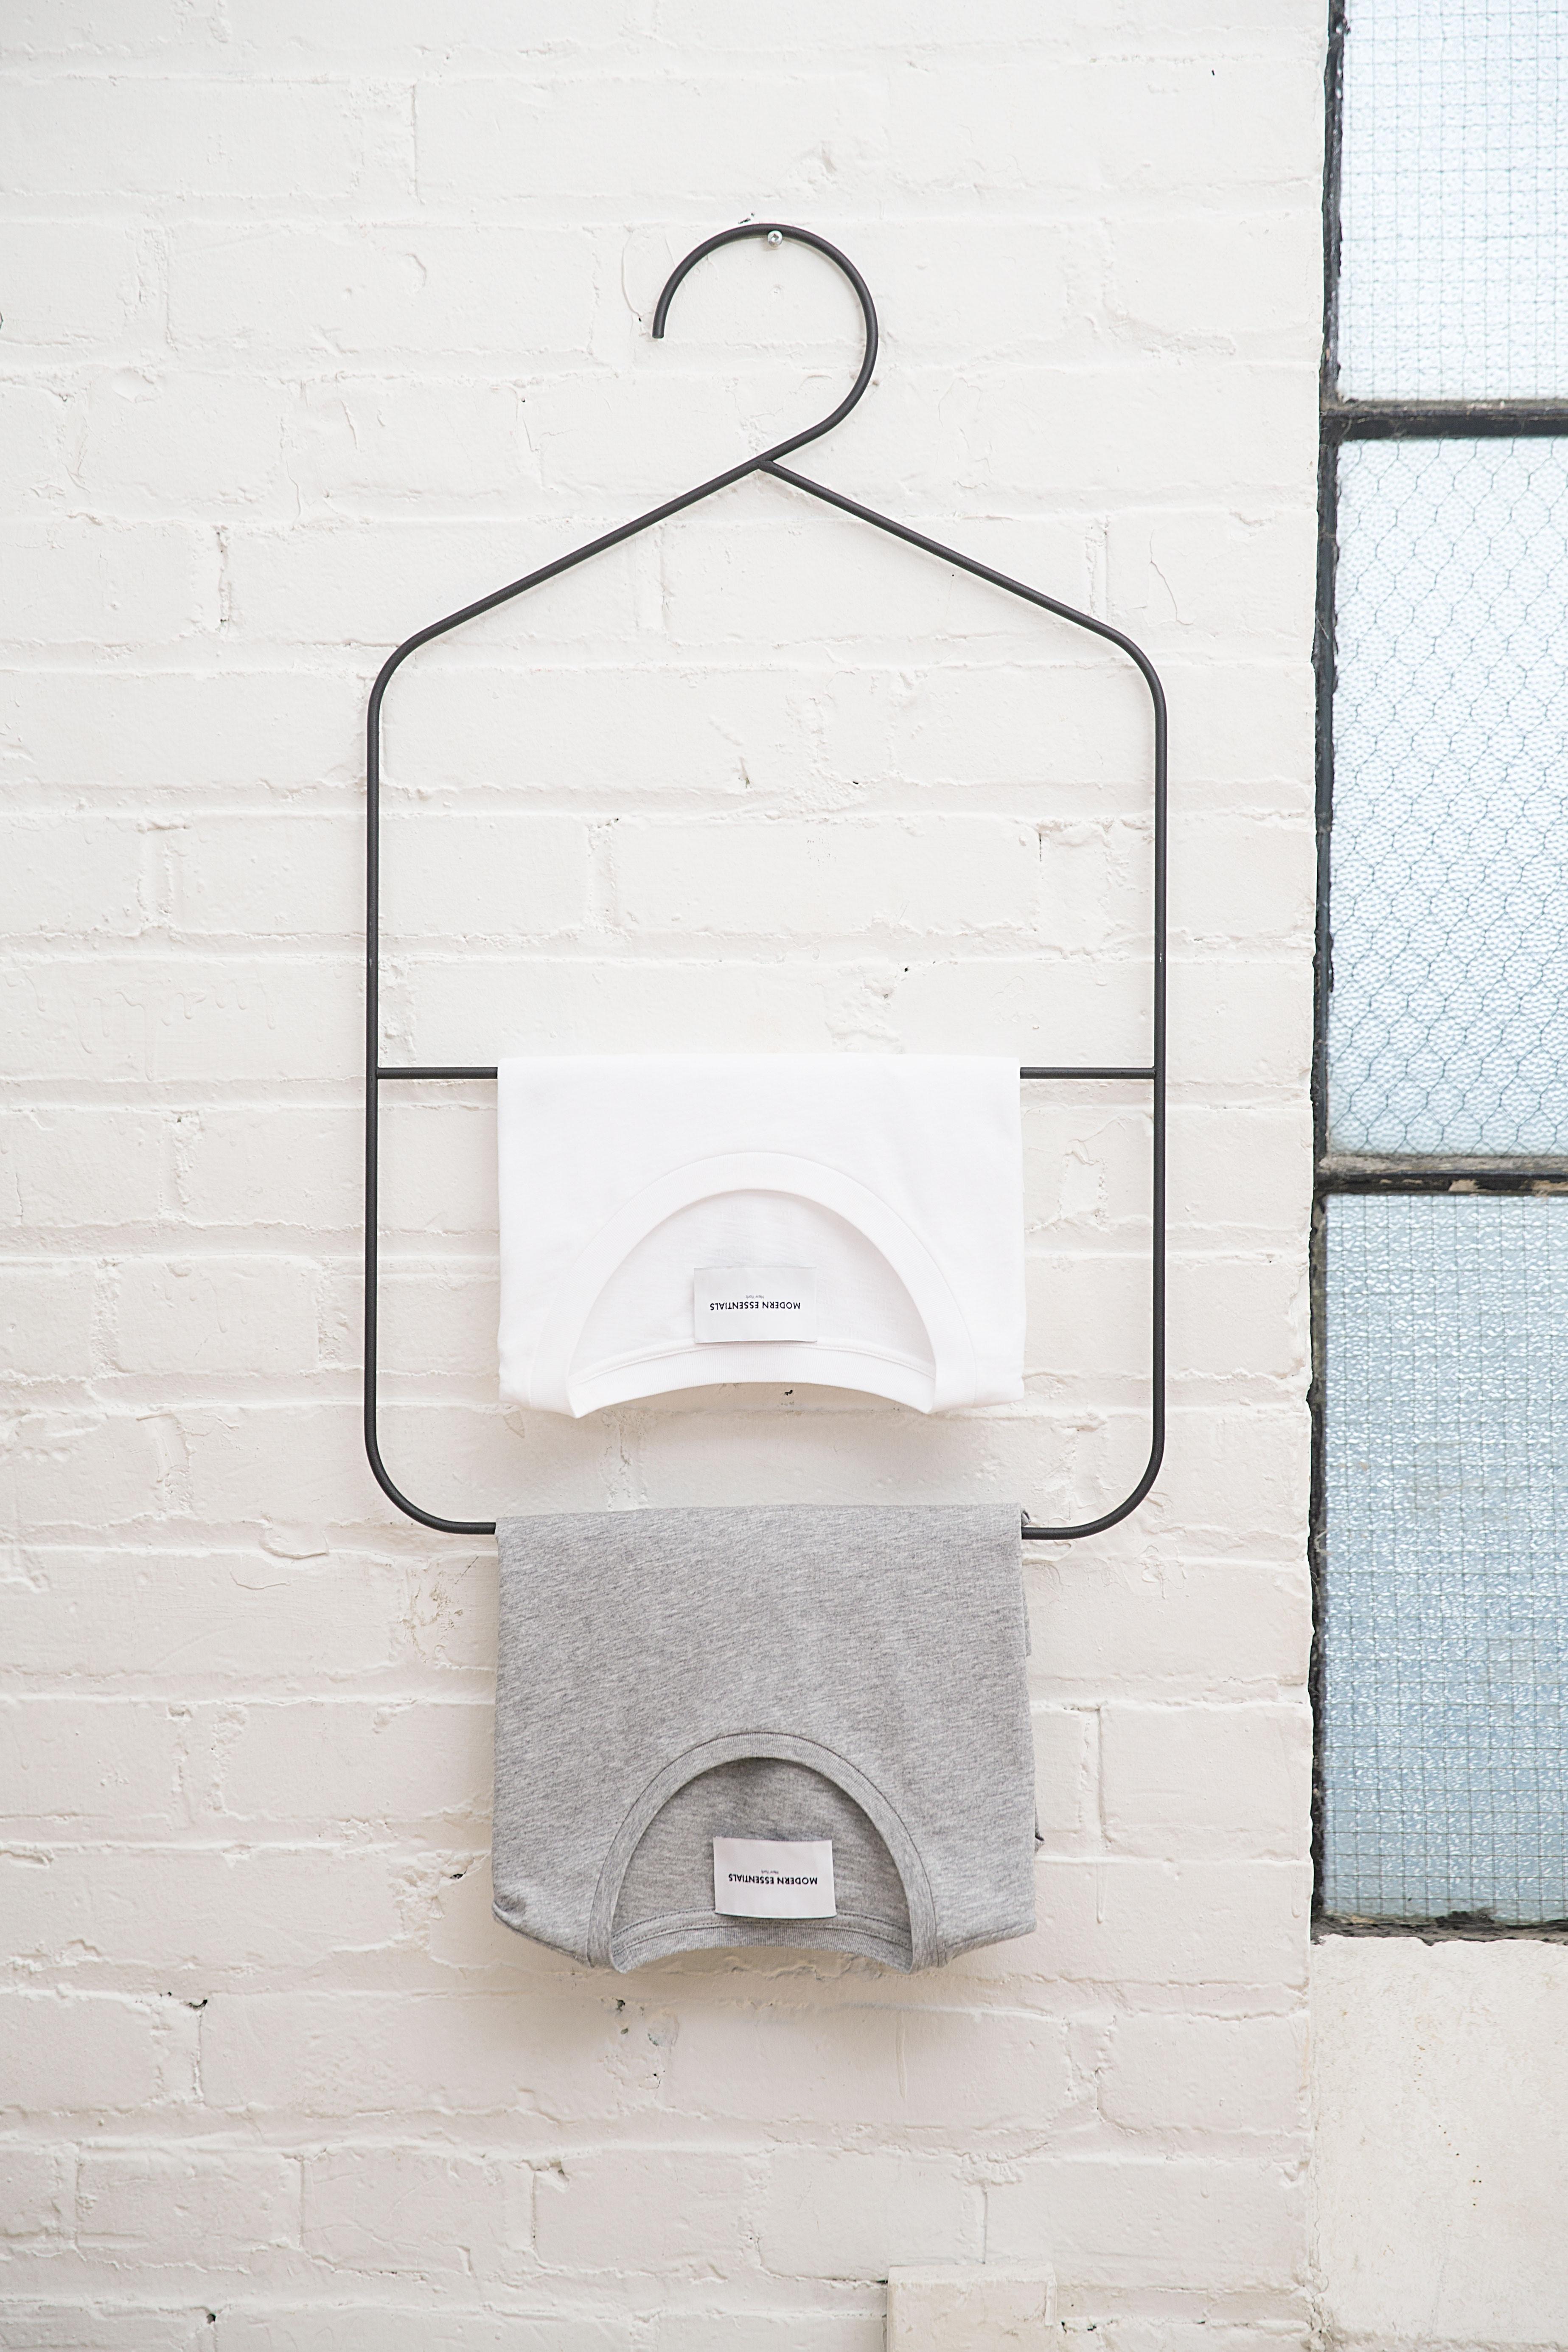 Minimalismus spiegelt sich nicht nur in meinem Kleiderschrank wieder, sondern zieht sich als roter Faden durch meinen ganzen Haushalt. -Fotocredits: modernessentials/unsplash